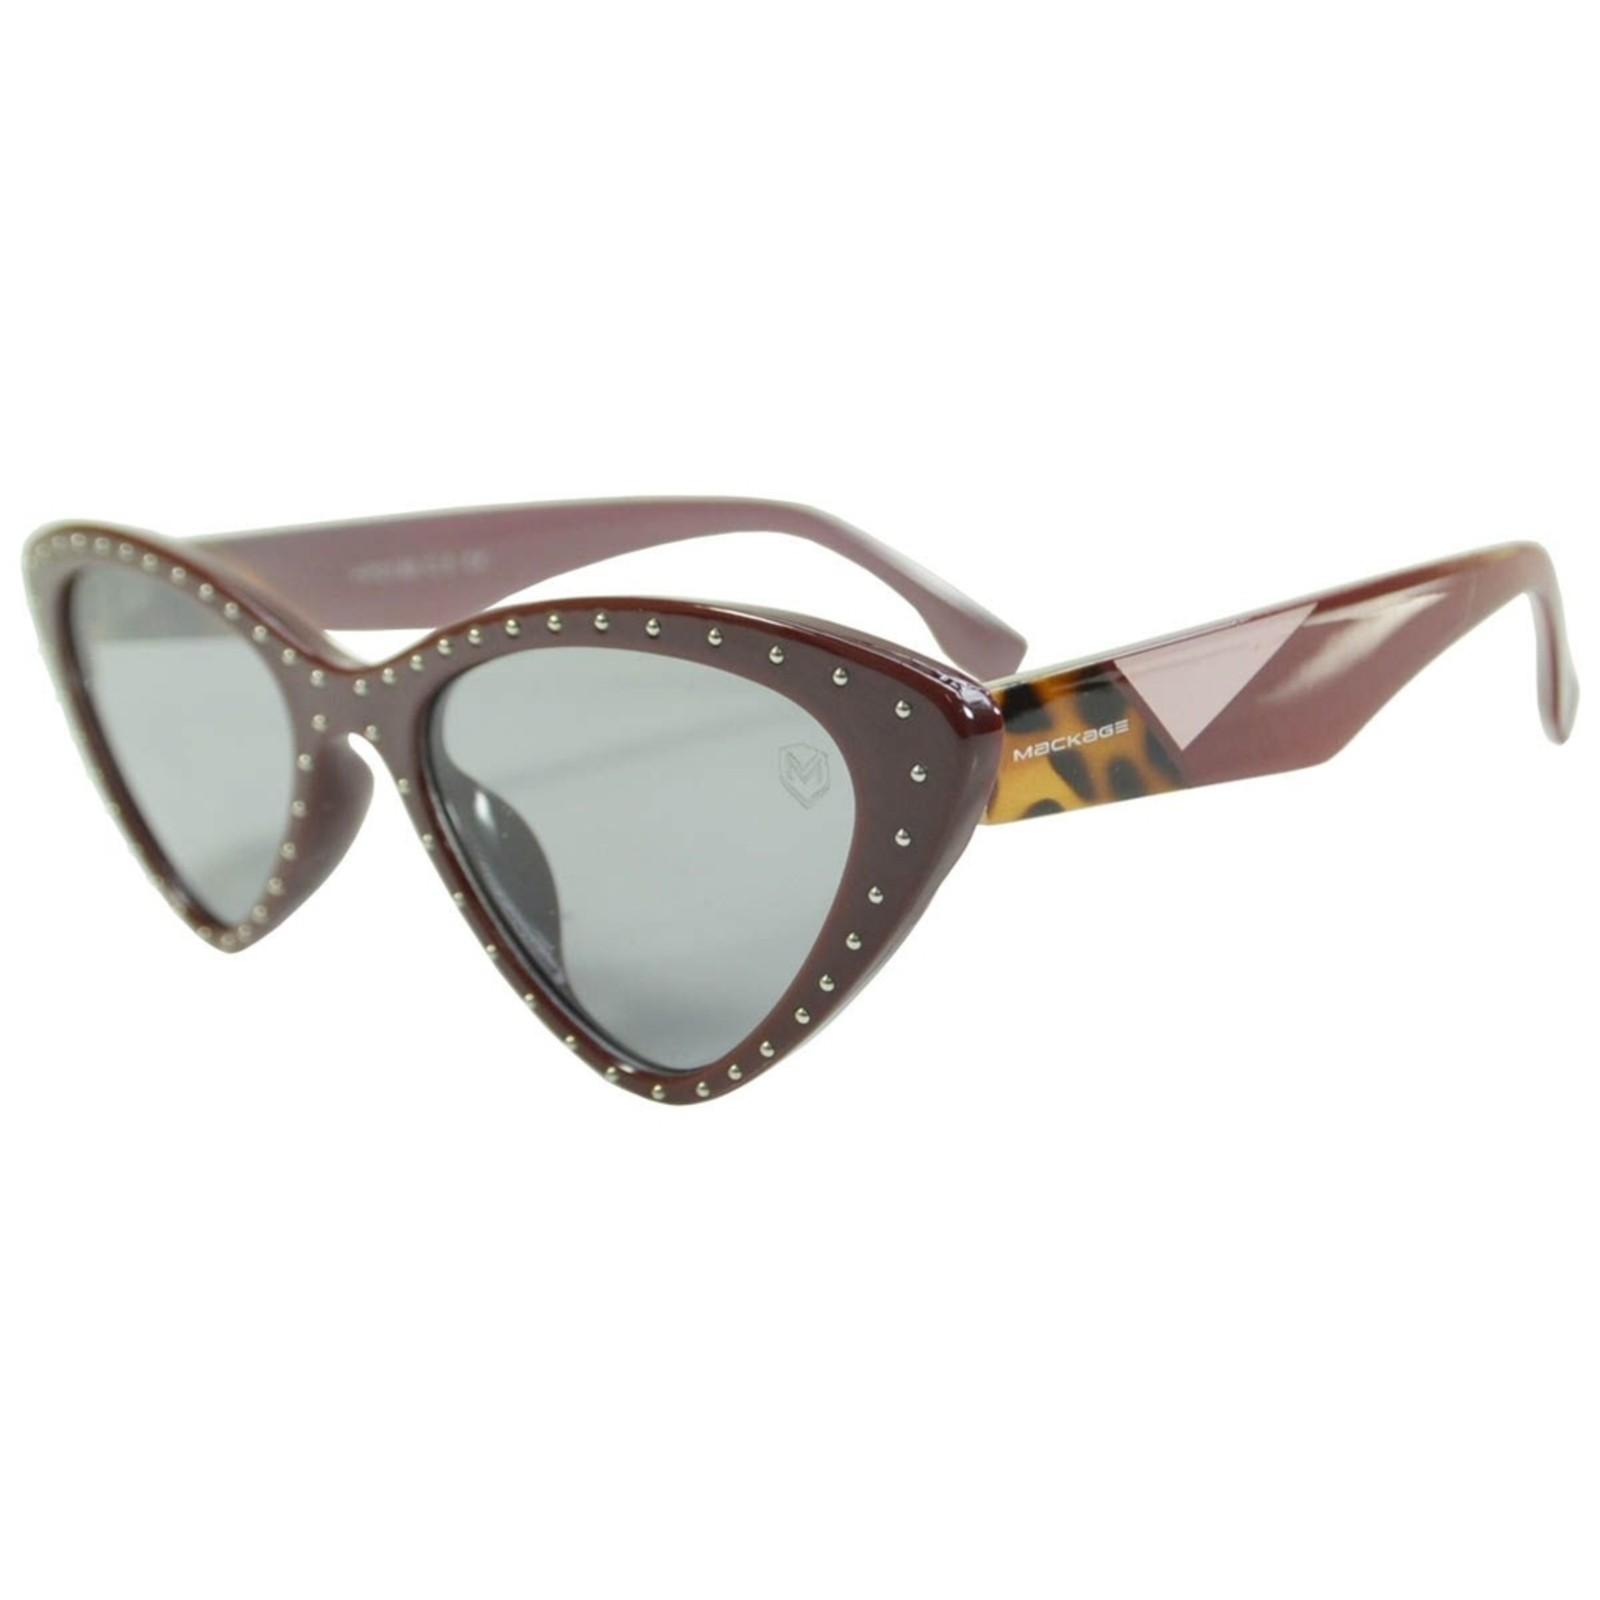 Óculos De Sol Mackage Feminino Acetato Gatinho Retrô - Vinho